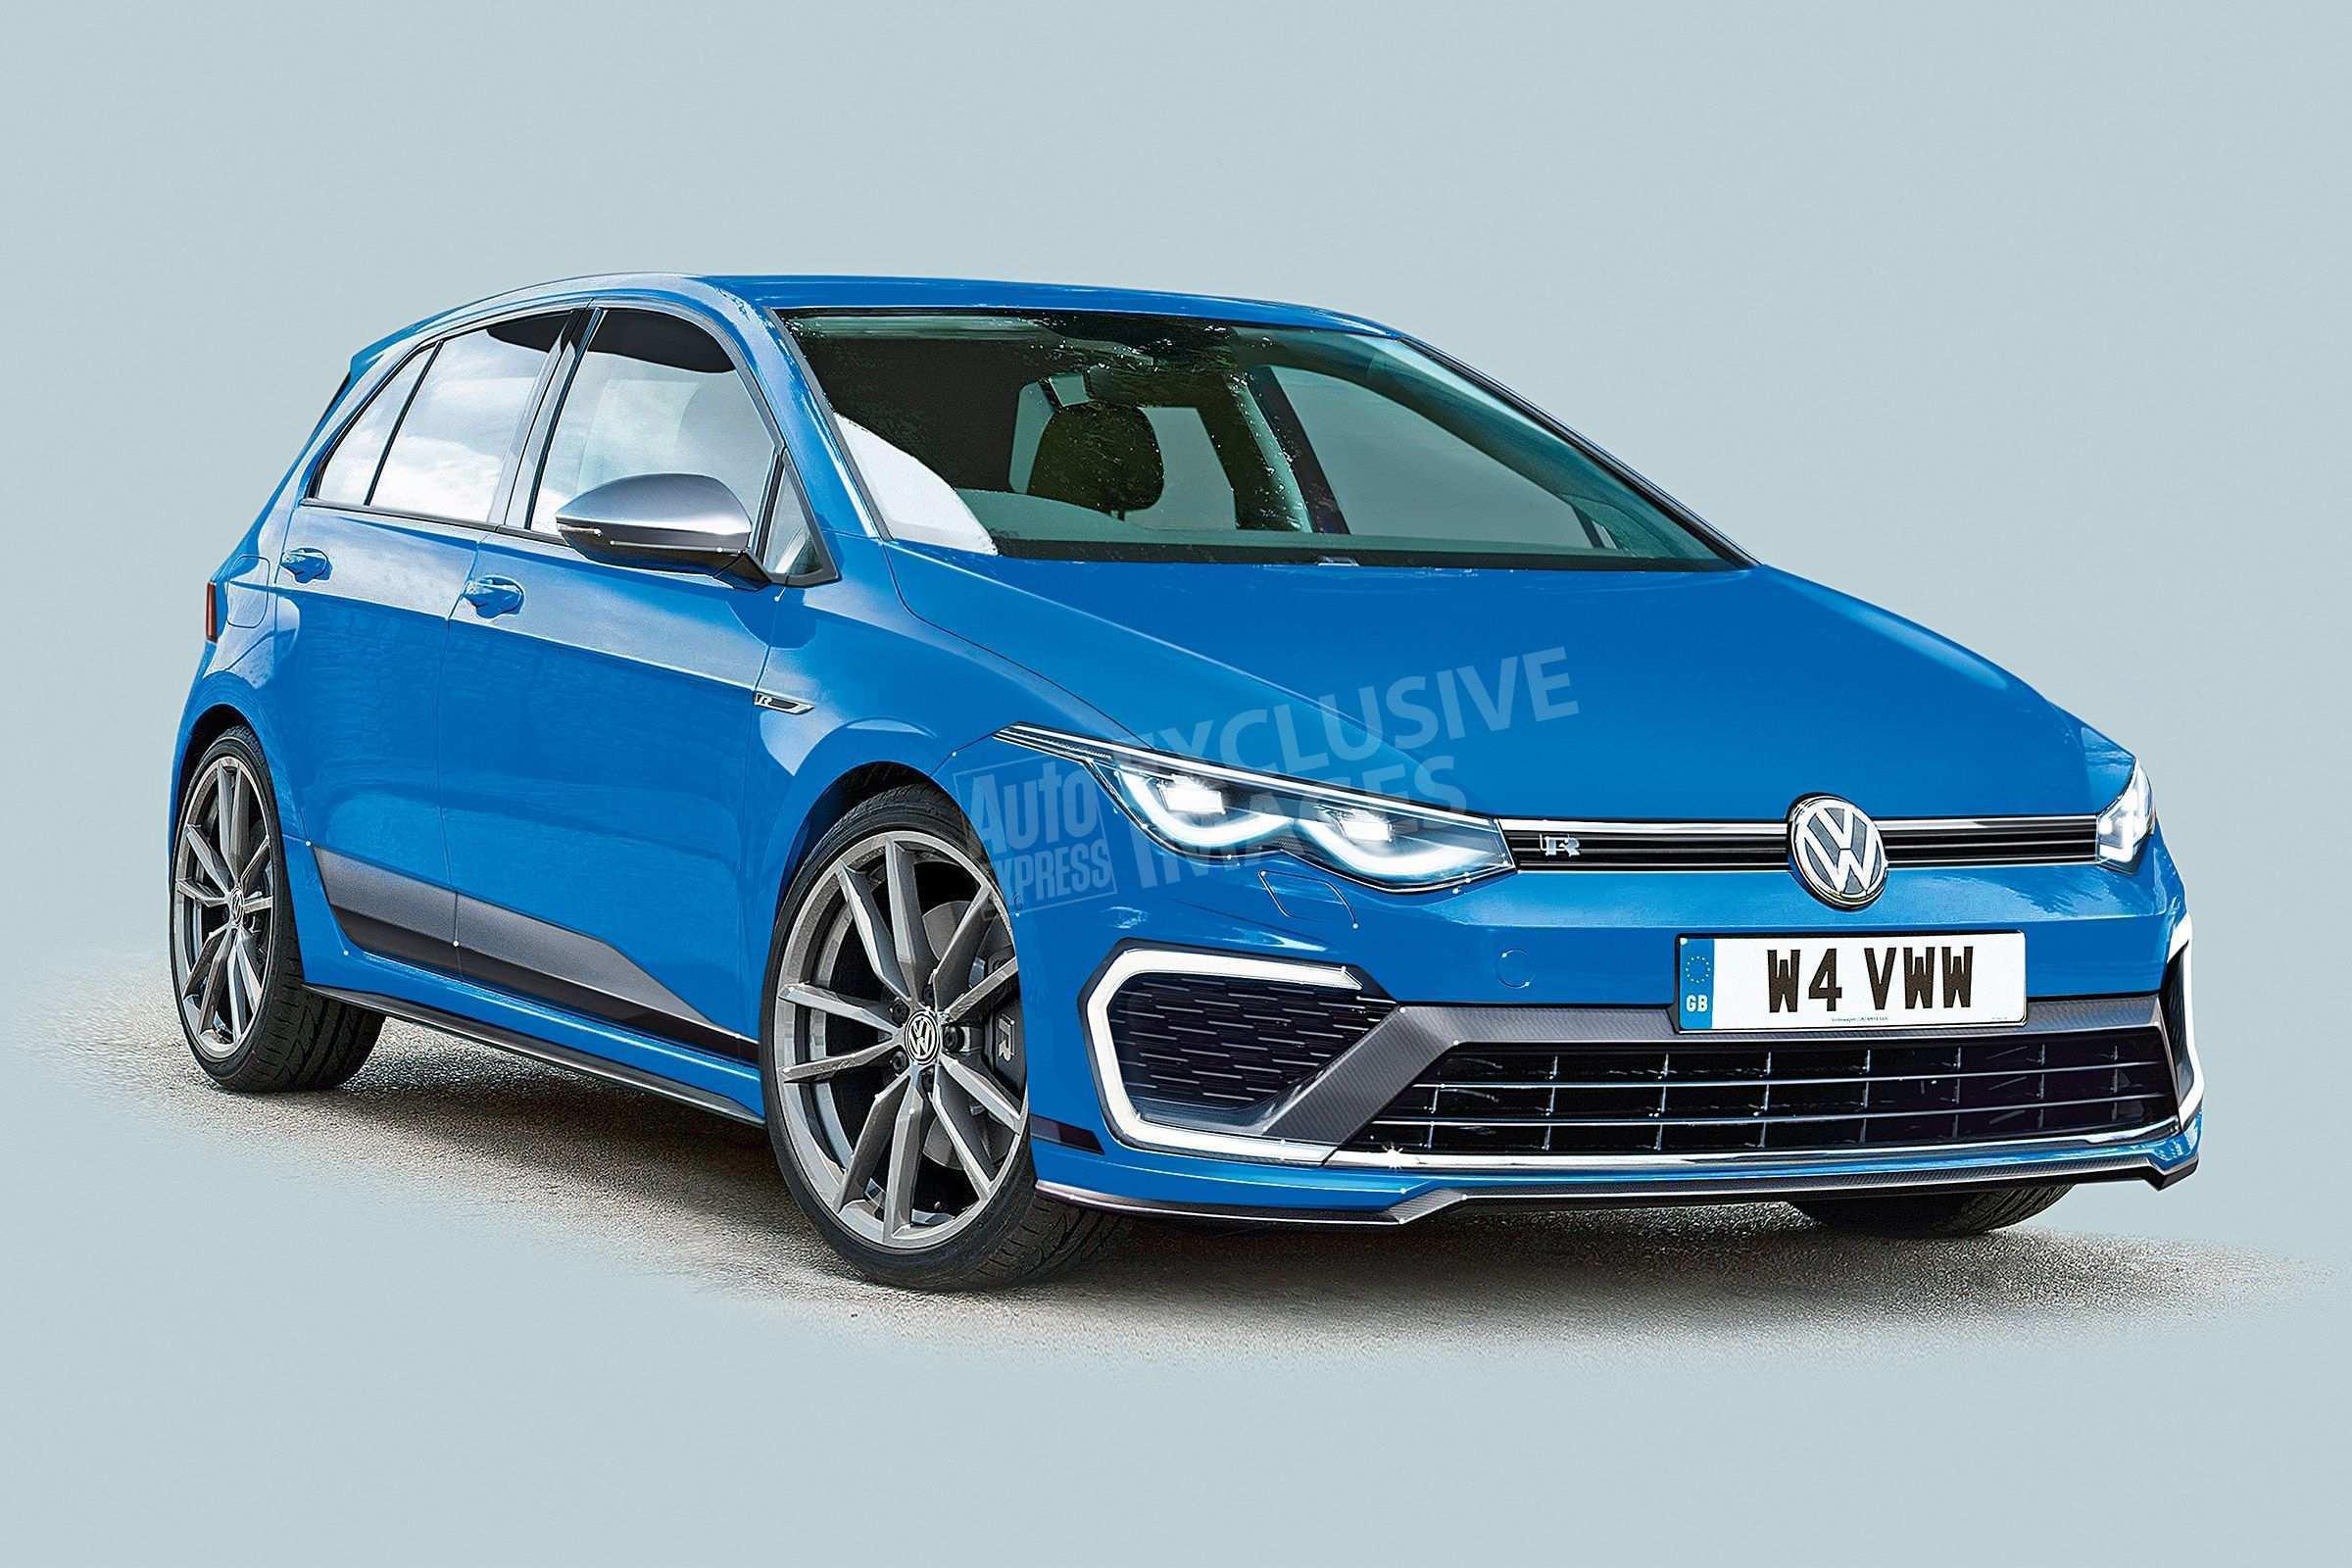 38 Concept of Volkswagen 2020 Lineup Spy Shoot by Volkswagen 2020 Lineup